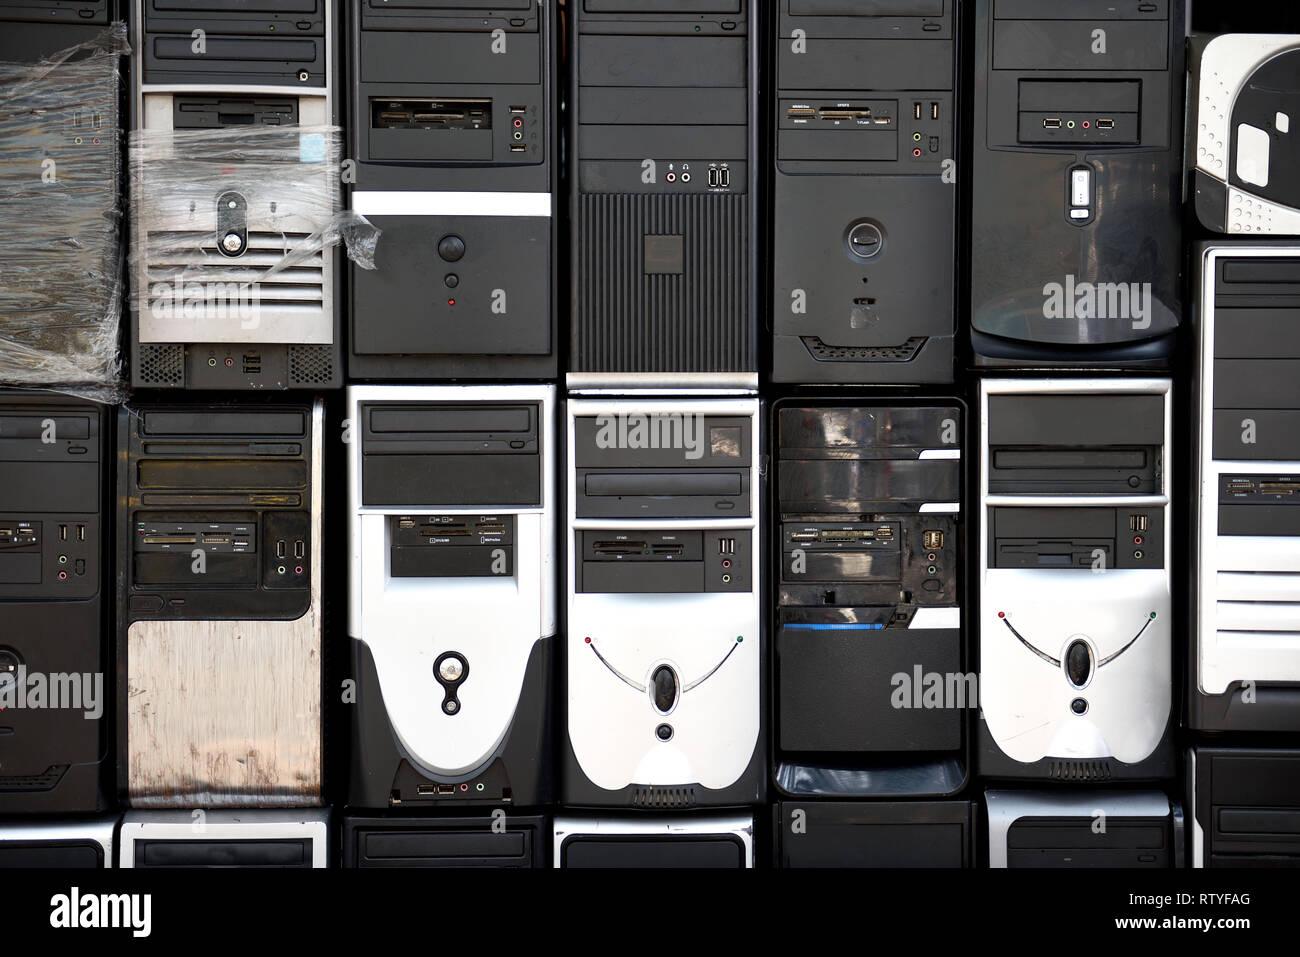 Rangées de empilés, utilisé, la vétusté des équipements de la tour de l'ordinateur de bureau, d'une technologie dépassée. Photo Stock